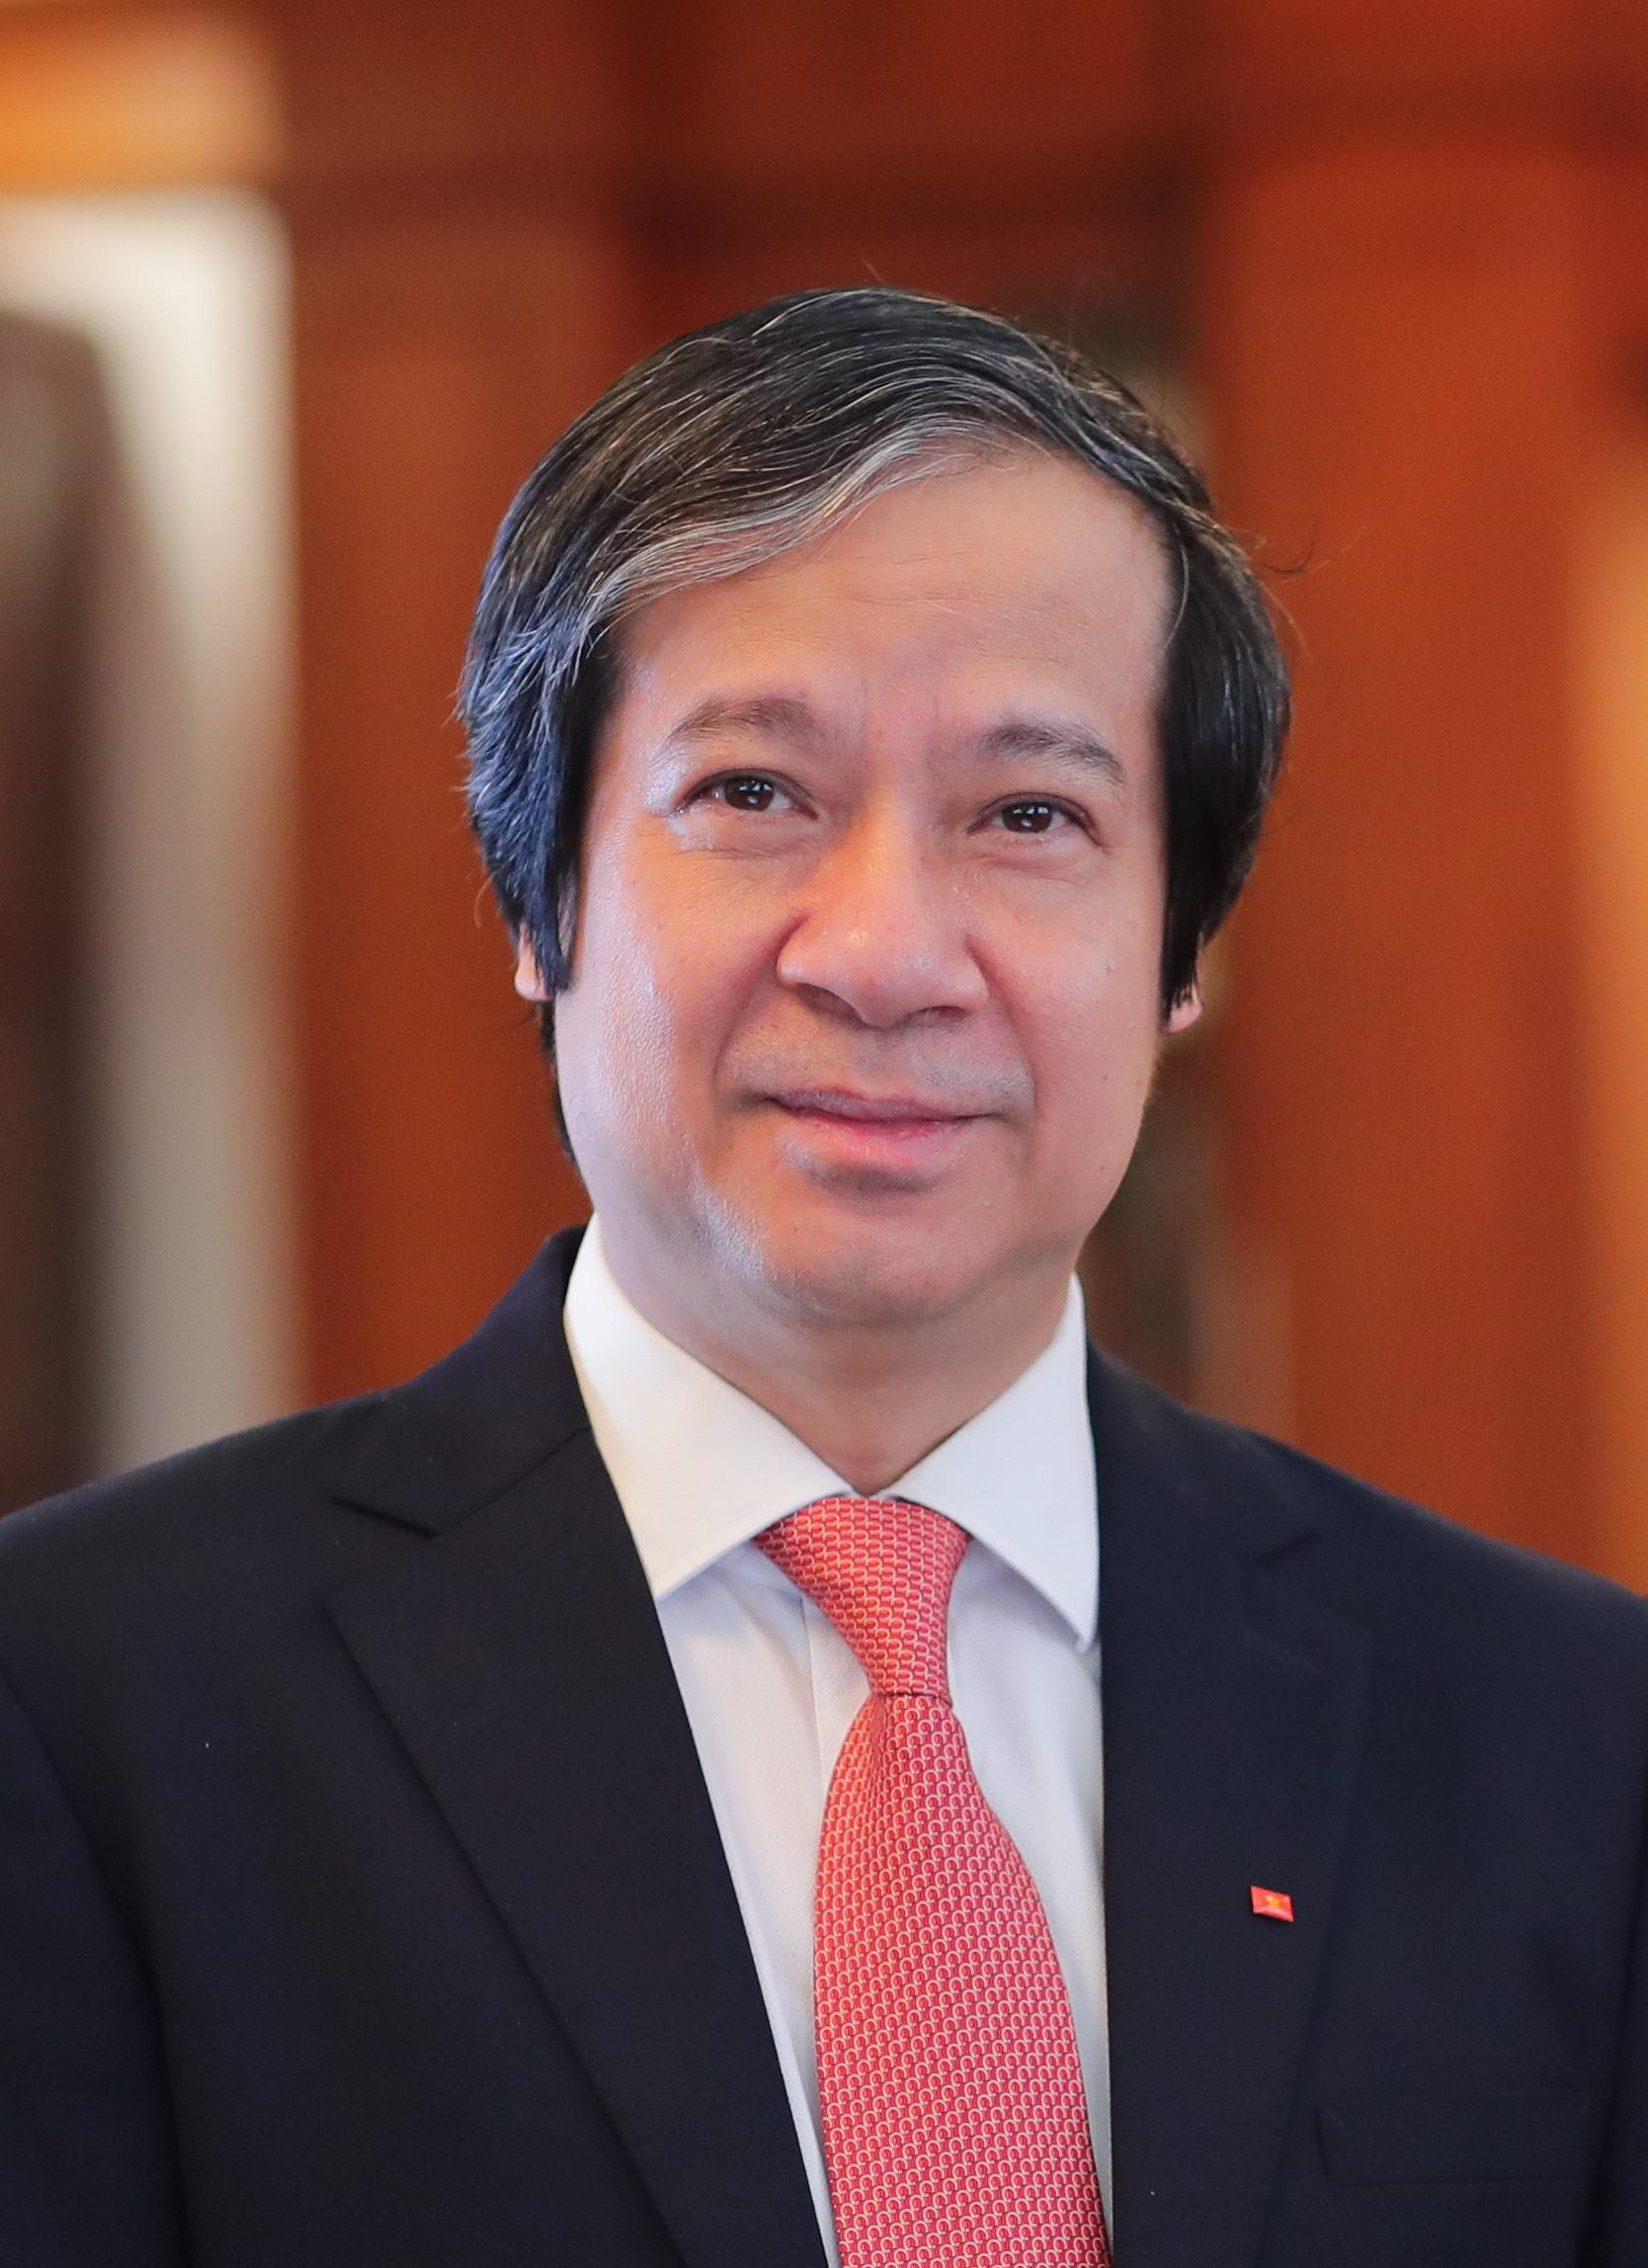 Chuyện chưa kể về Bộ trưởng Nguyễn Kim Sơn qua người thầy - đồng môn suốt 35 năm - Ảnh 1.